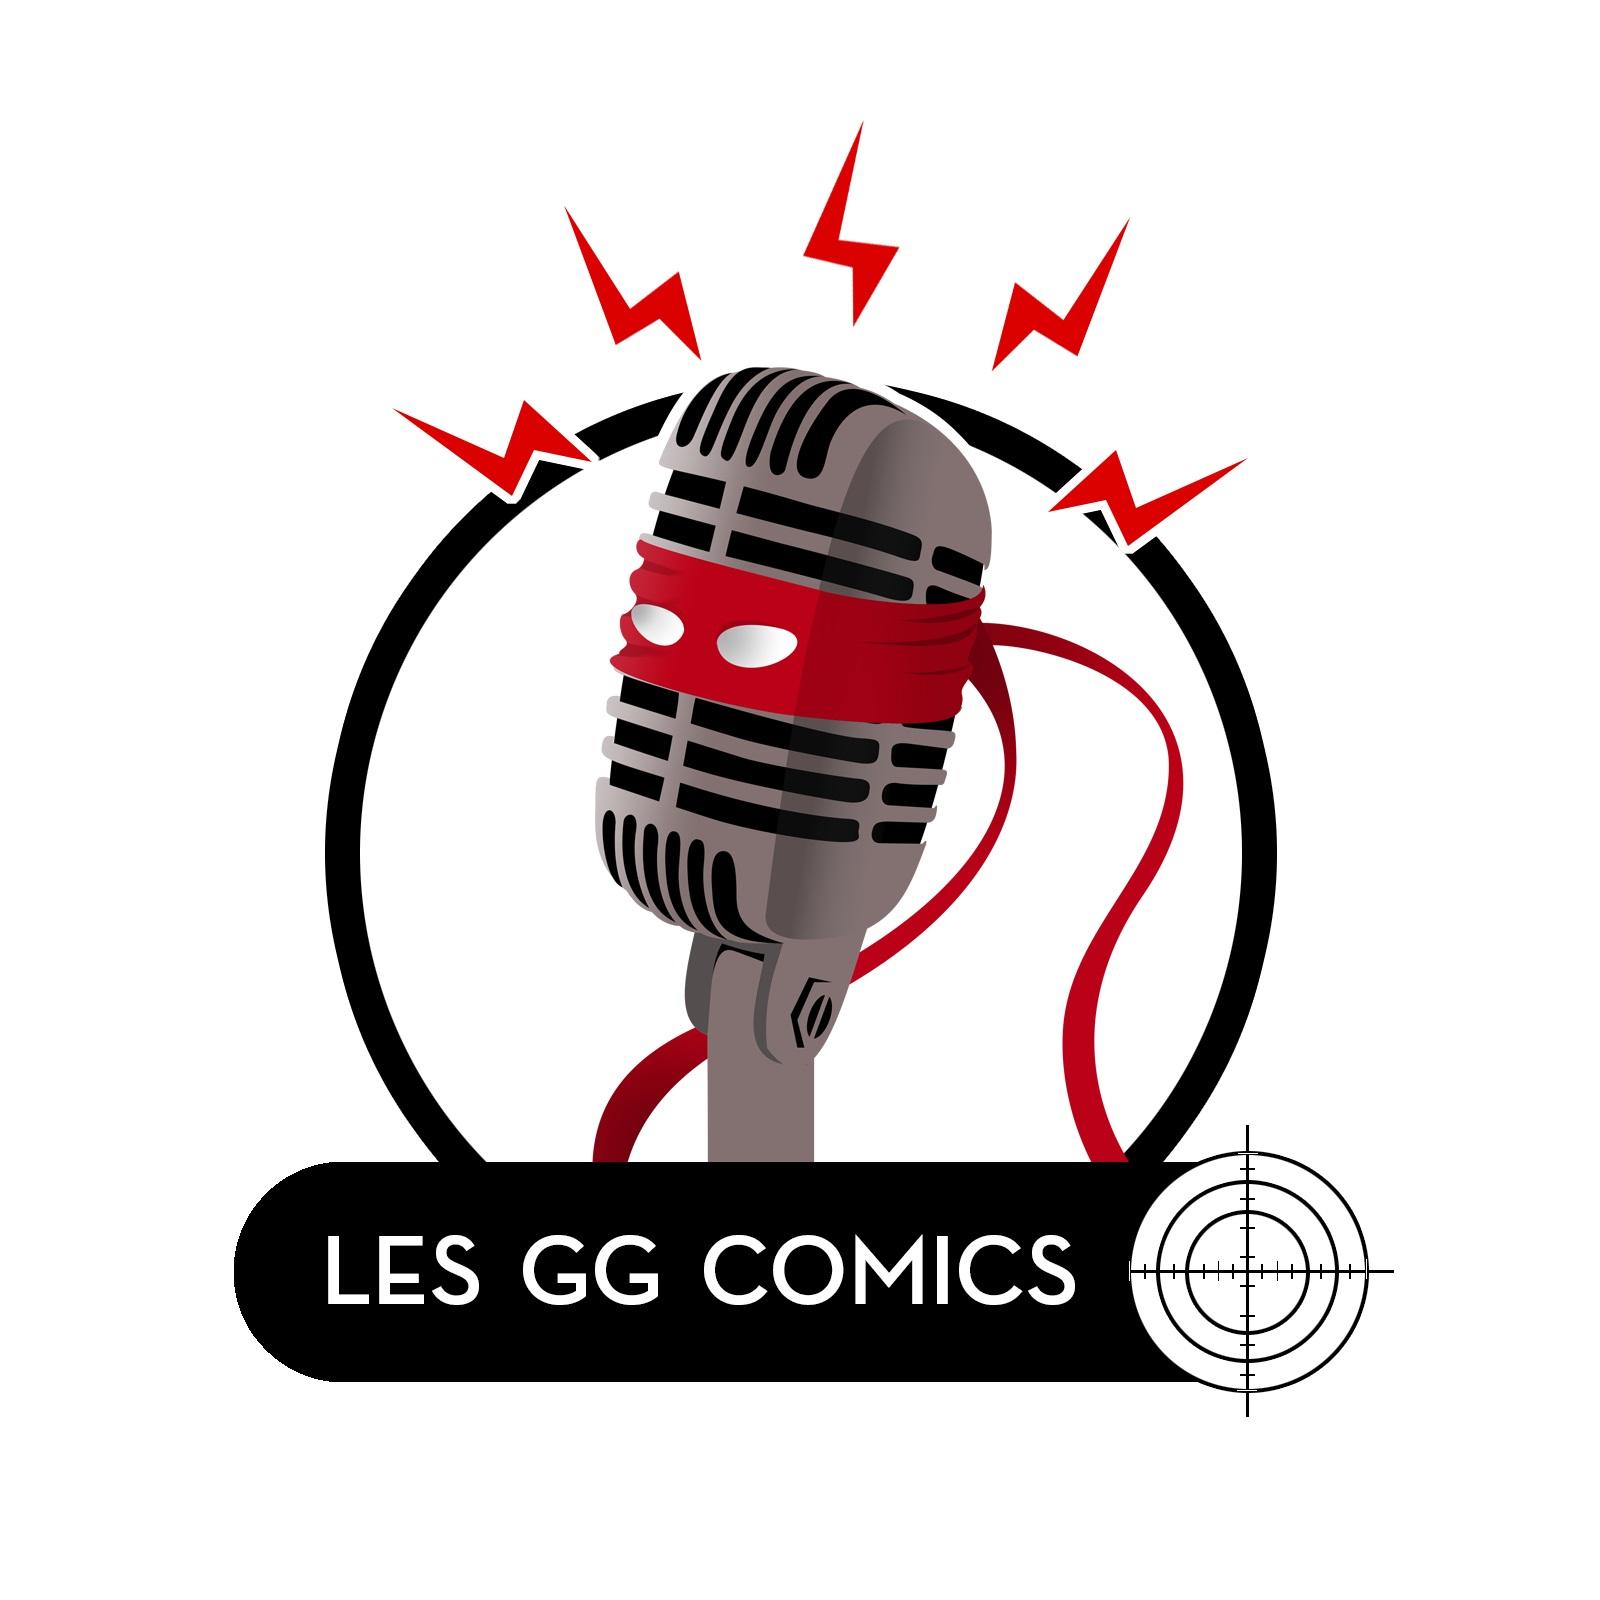 Les GG comics #061 : les sorcières dans les comics